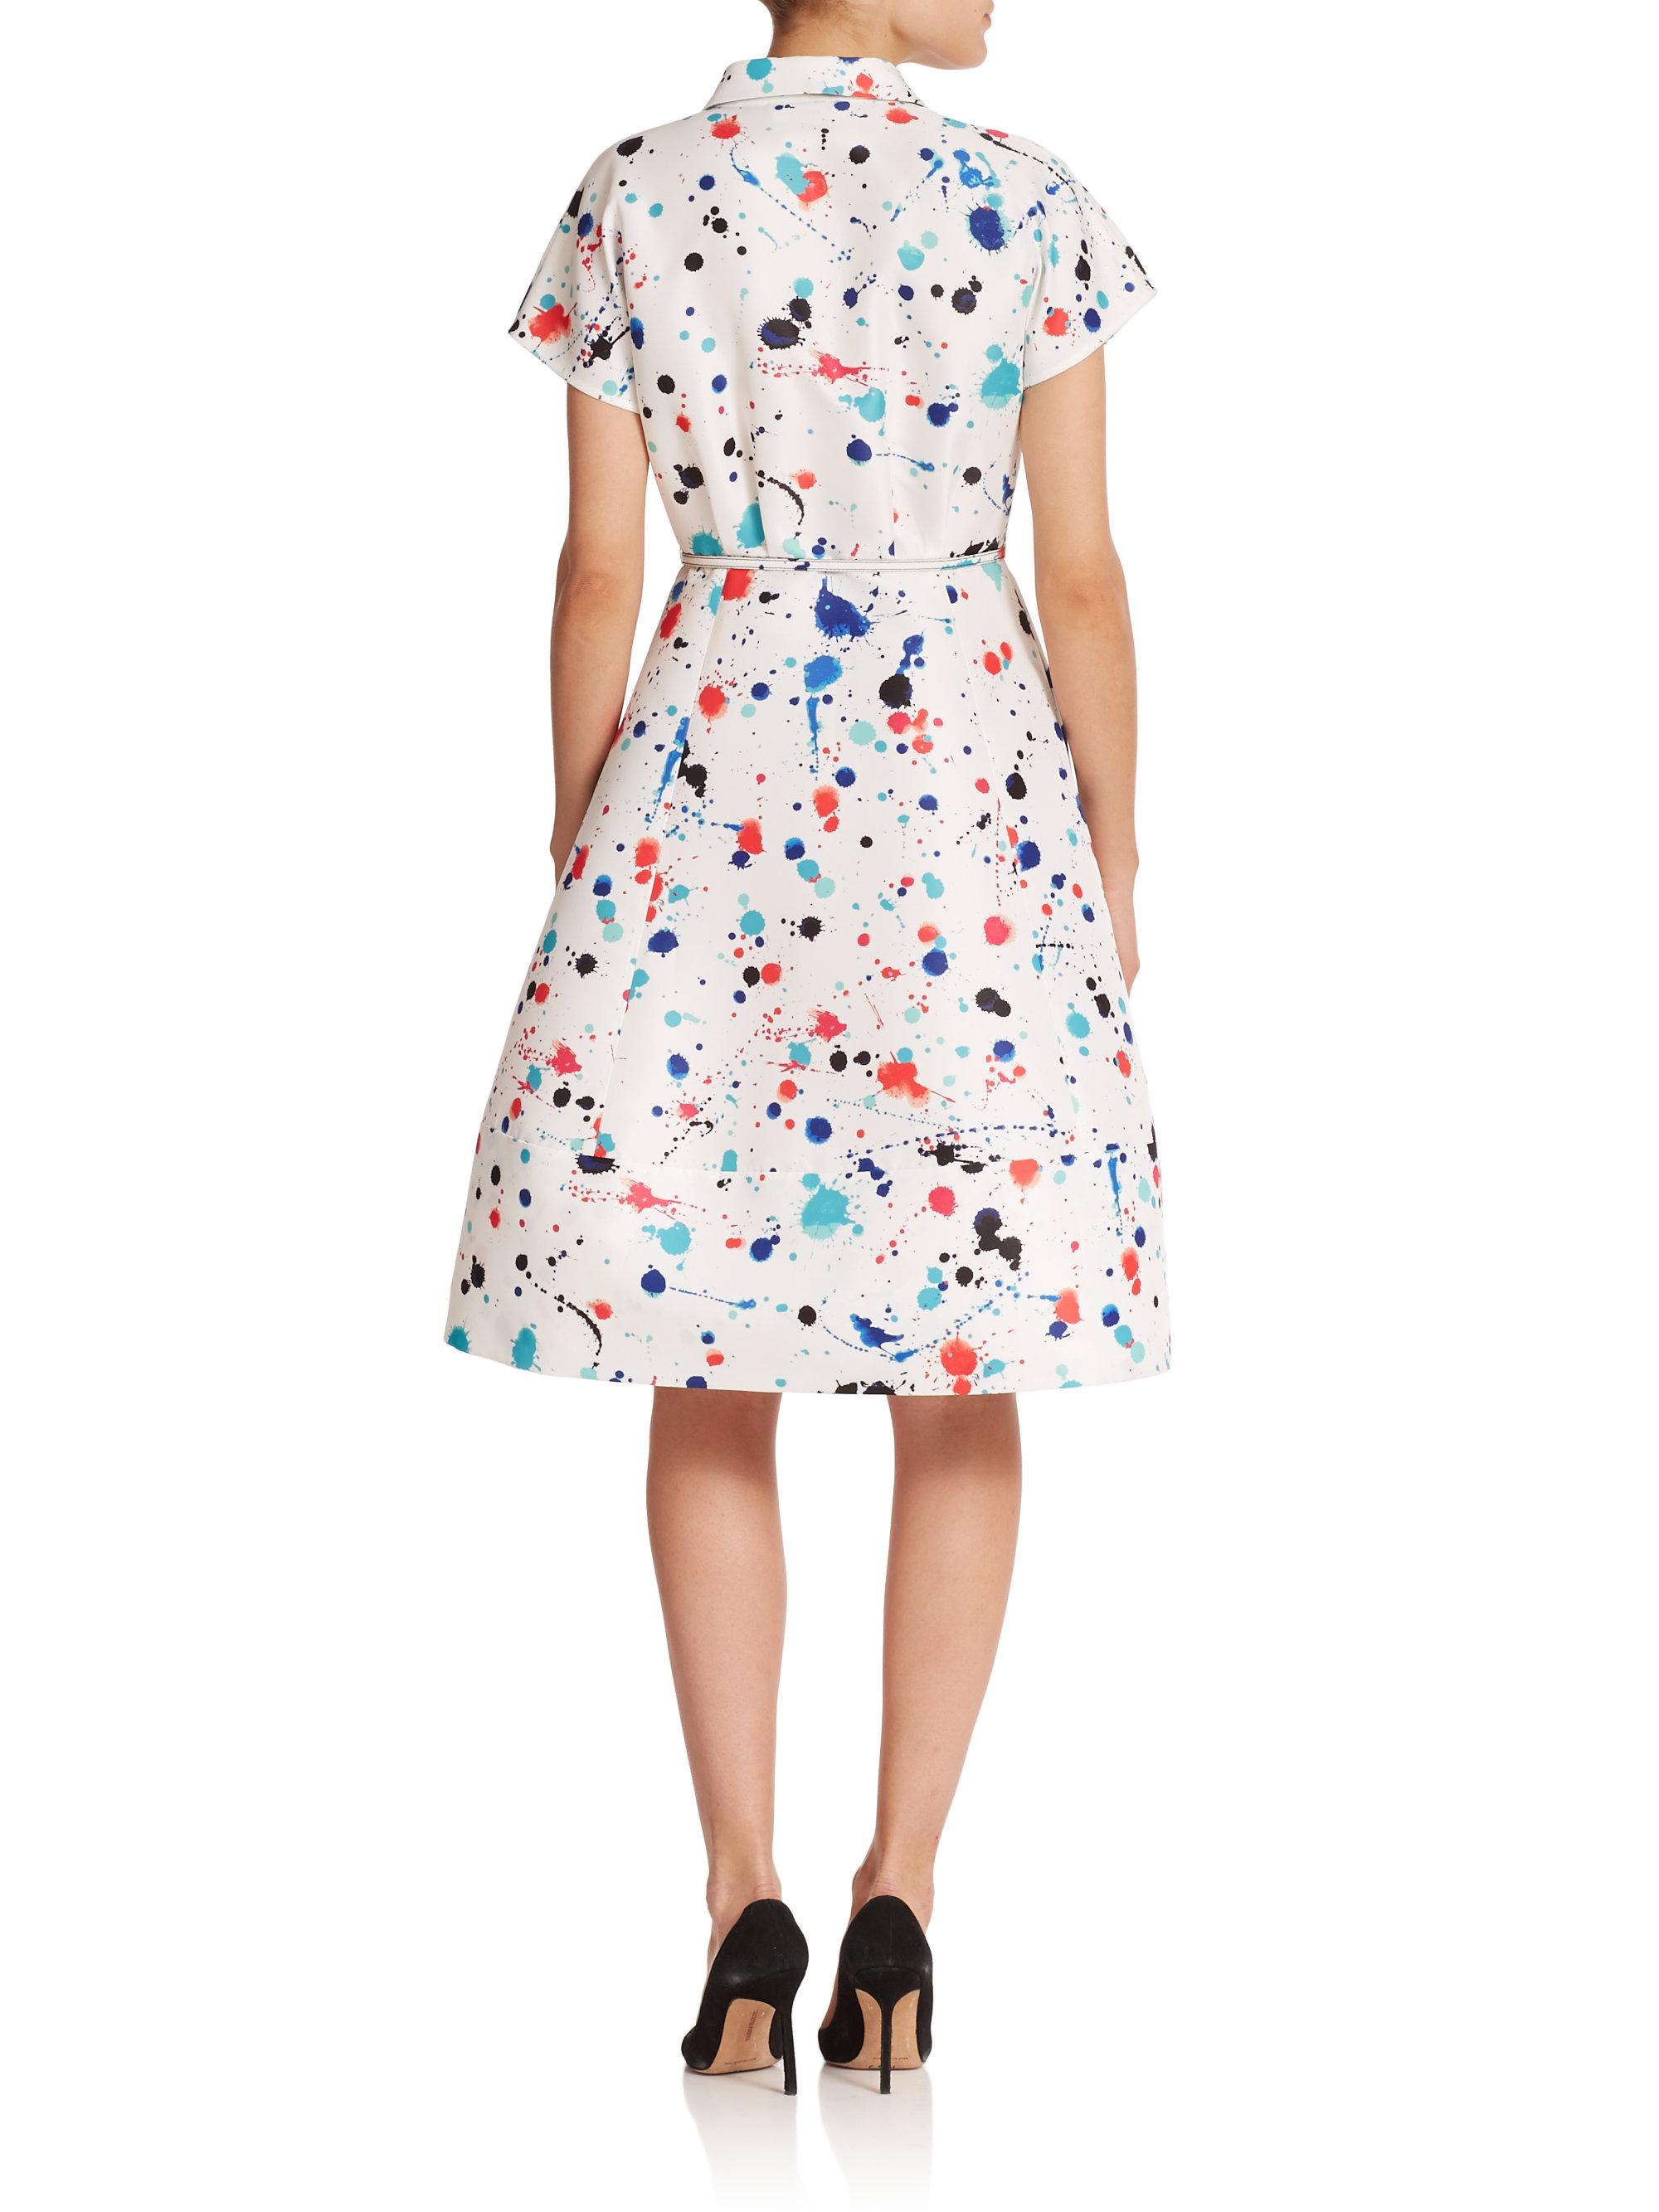 Lyst Kate Spade New York Paint Splatter Shirtdress